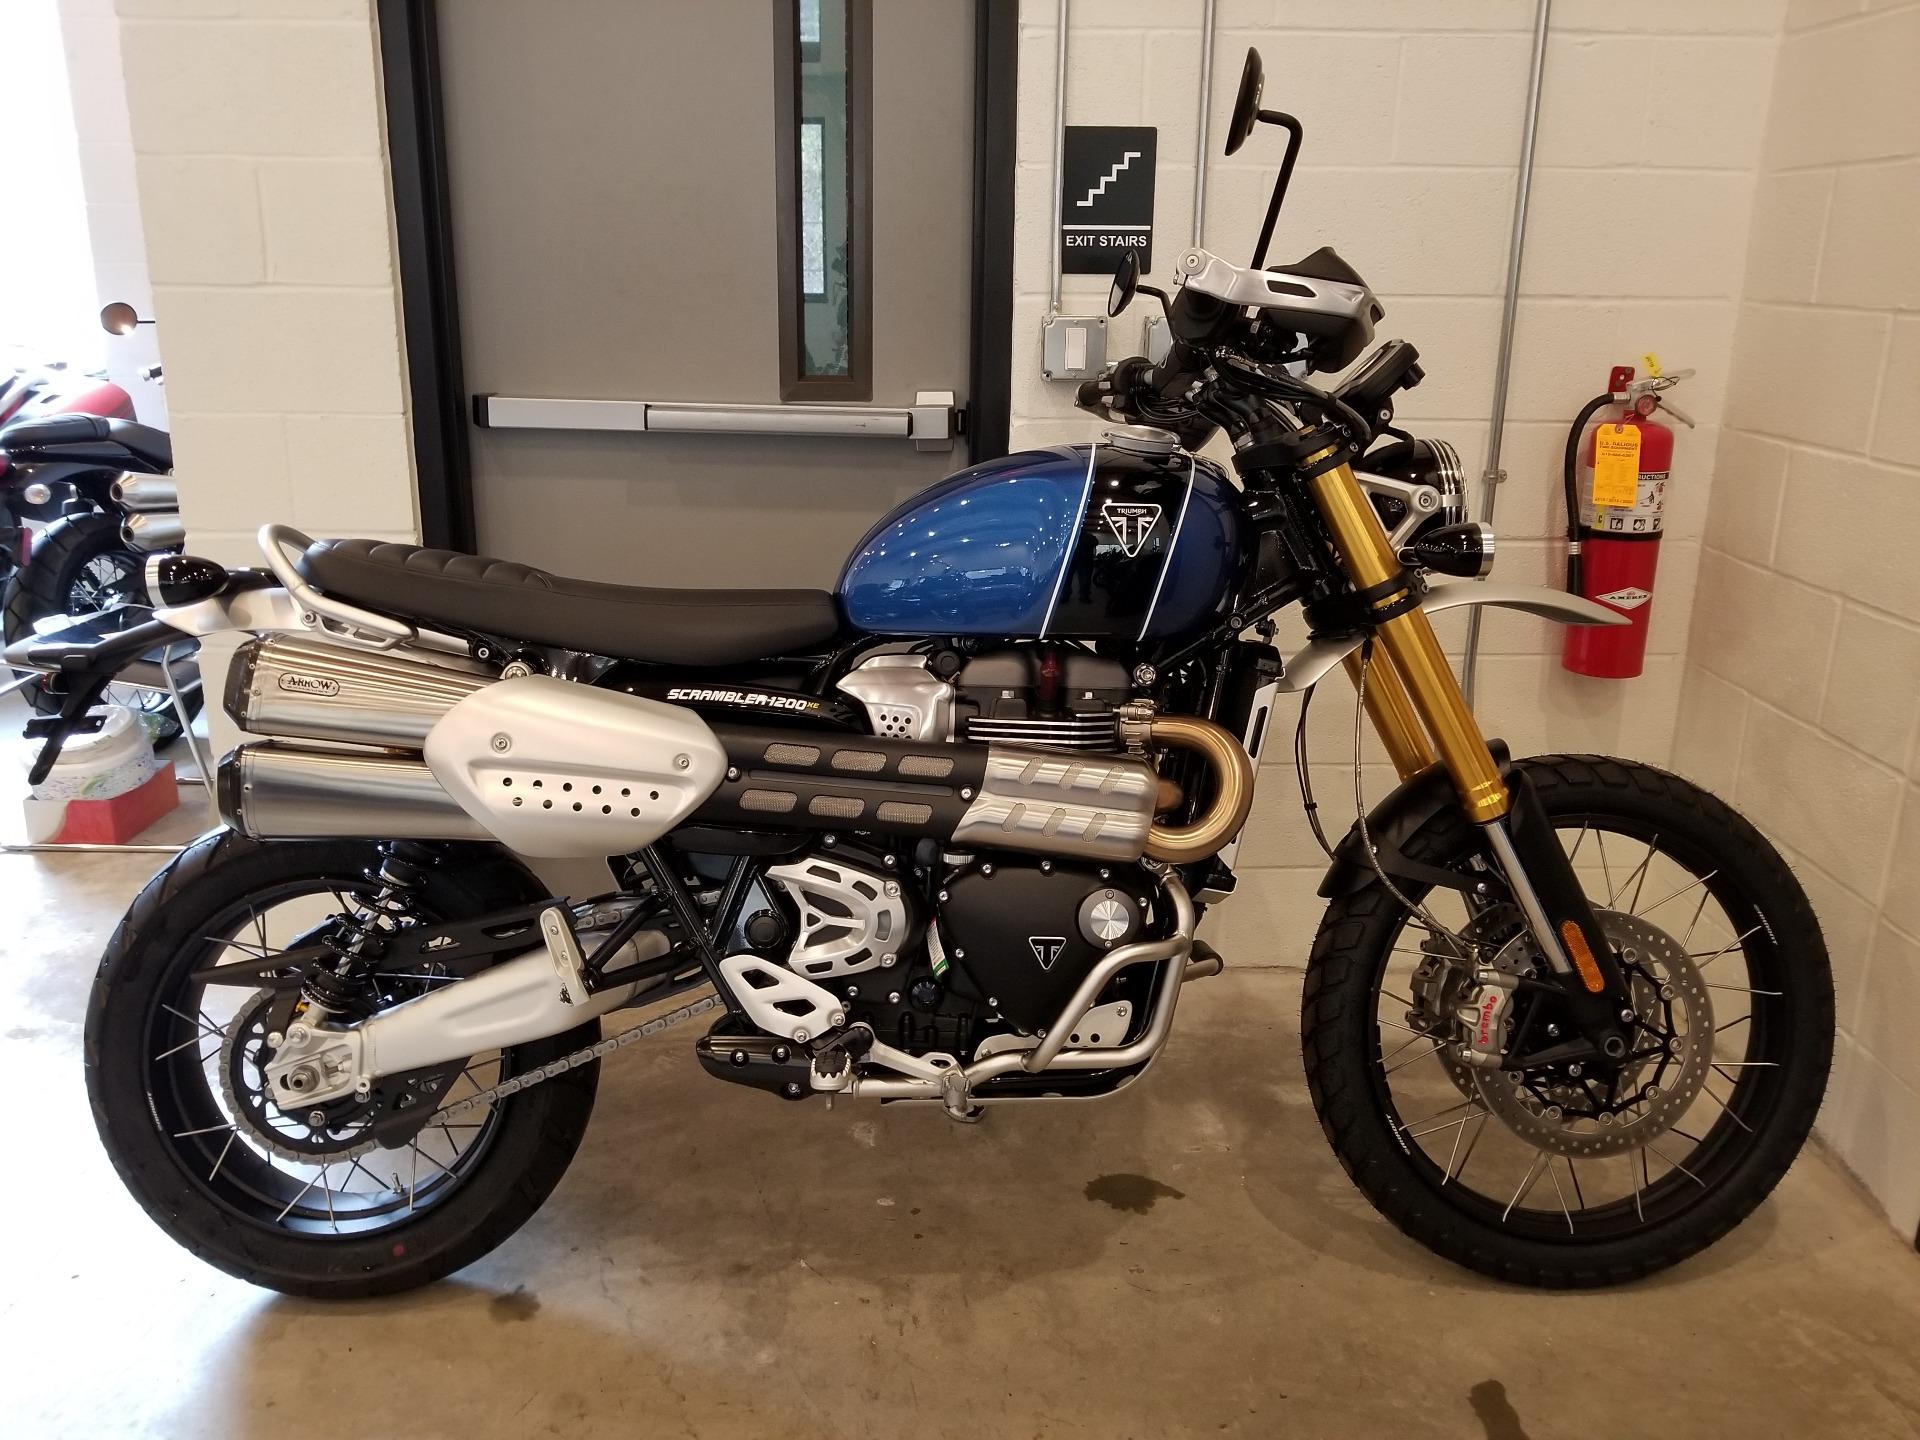 2019 Triumph Scrambler 1200 Xe Motorcycles Port Clinton Pennsylvania